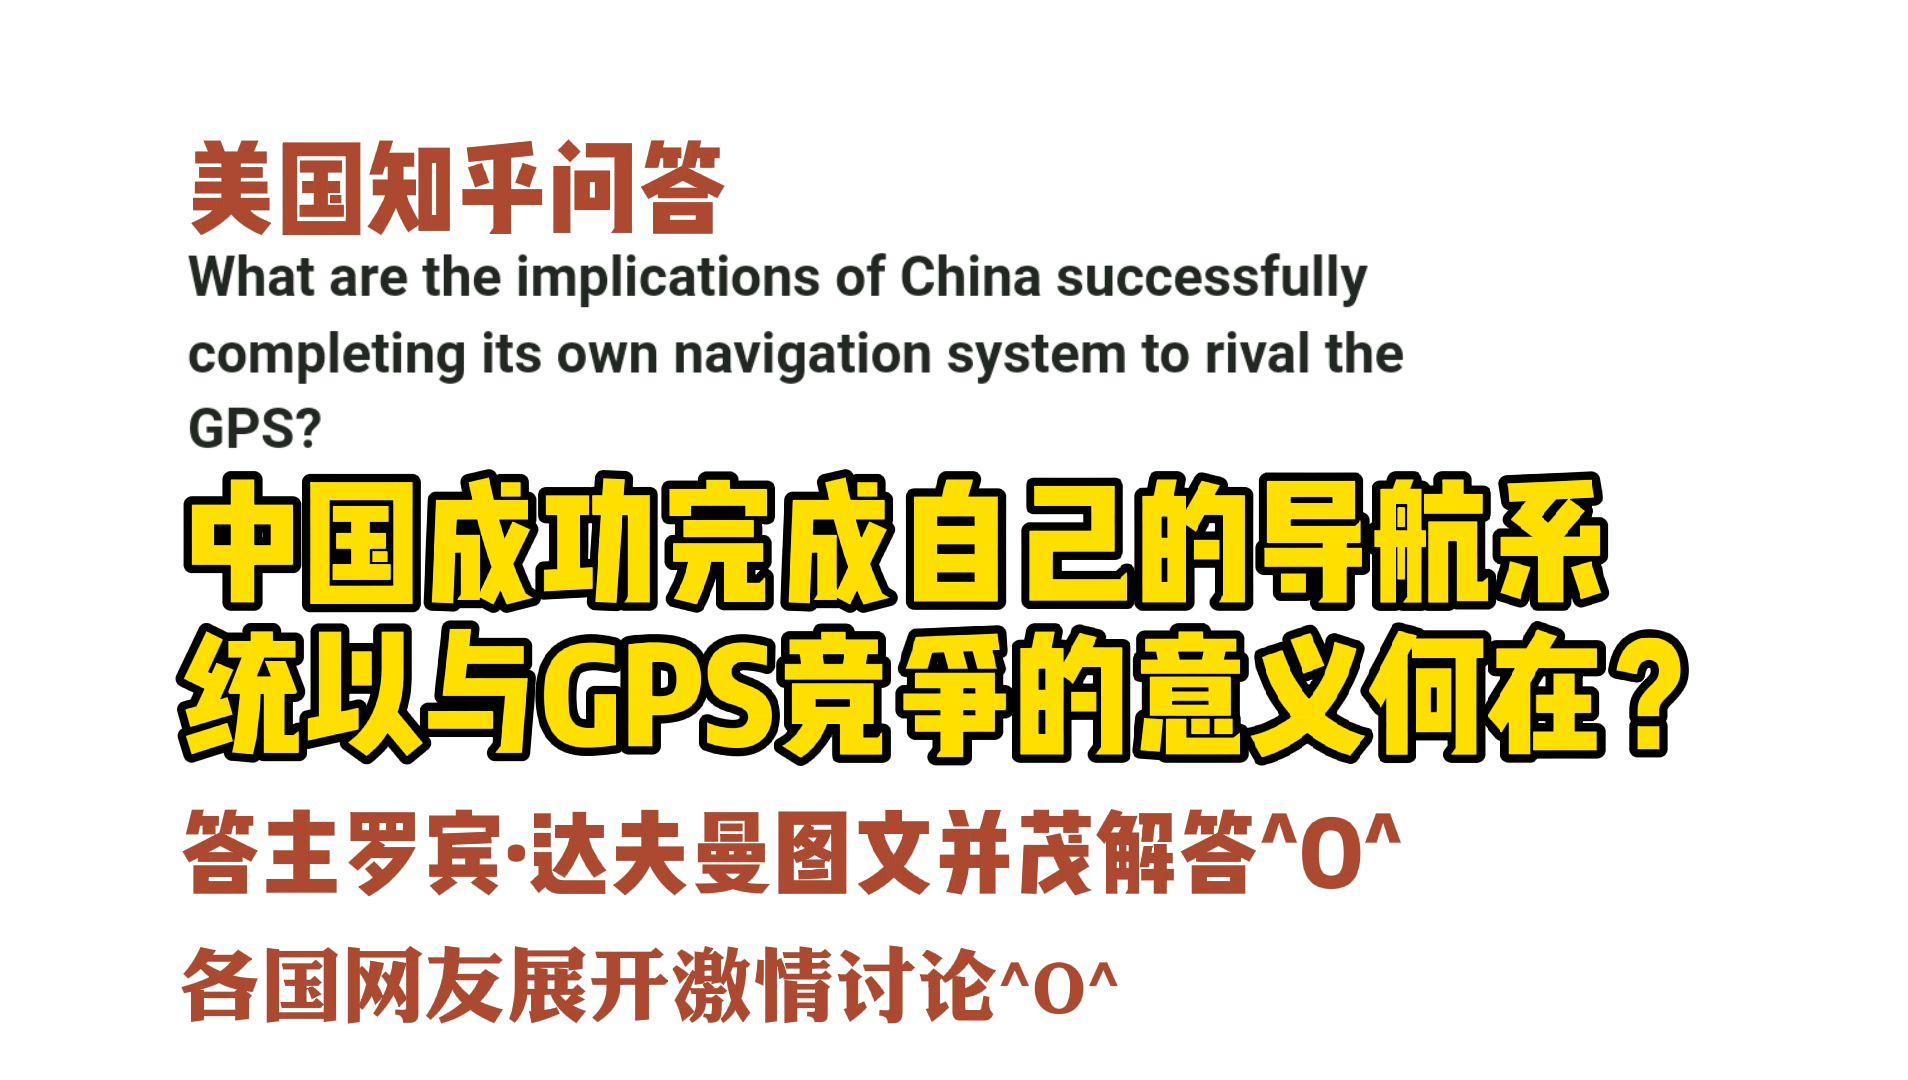 美国知乎,中国成功完成自己的导航系统以与GPS竞争的意义何在?